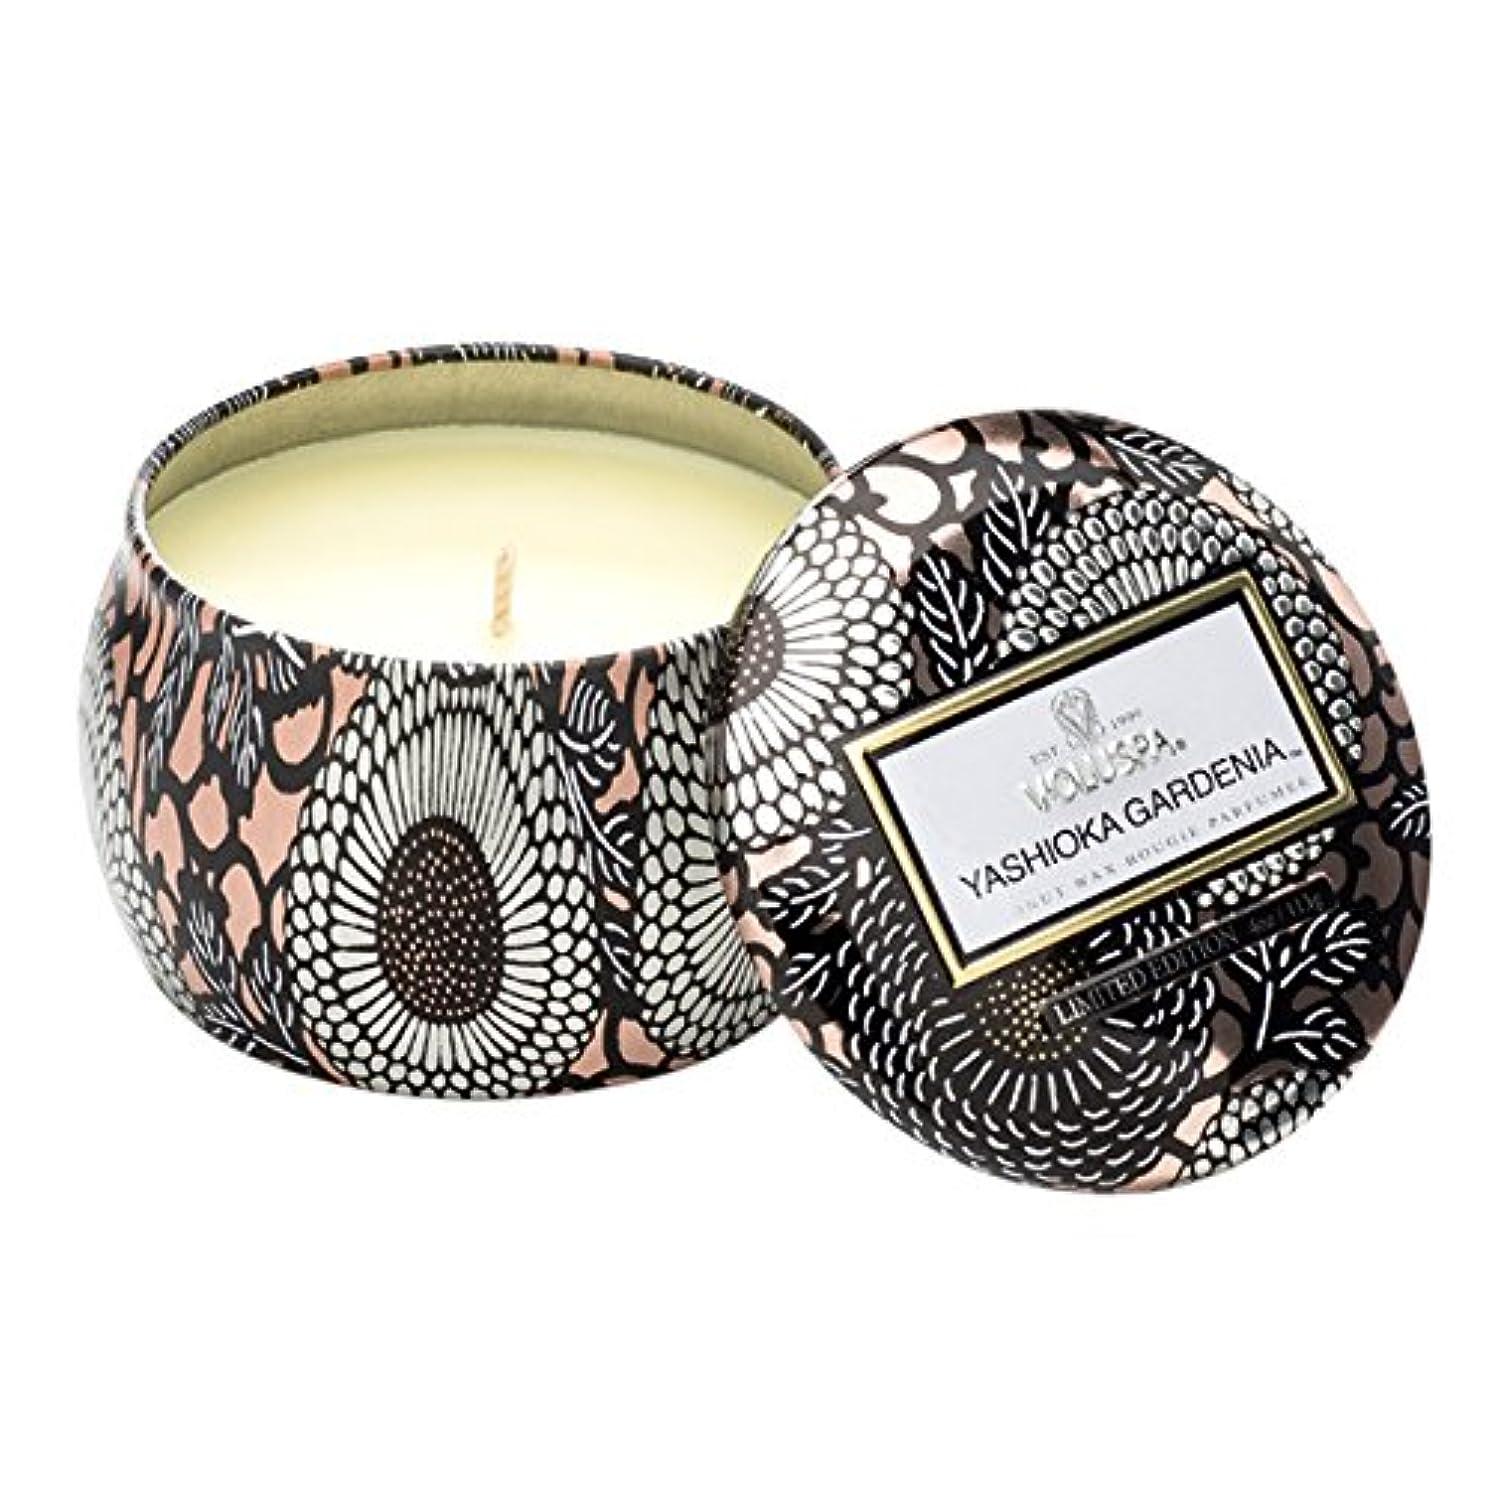 猫背縮約性交Voluspa ボルスパ ジャポニカ リミテッド ティンキャンドル  S ヤシオカガーデニア YASHIOKA GARDENIA JAPONICA Limited PETITE Tin Glass Candle